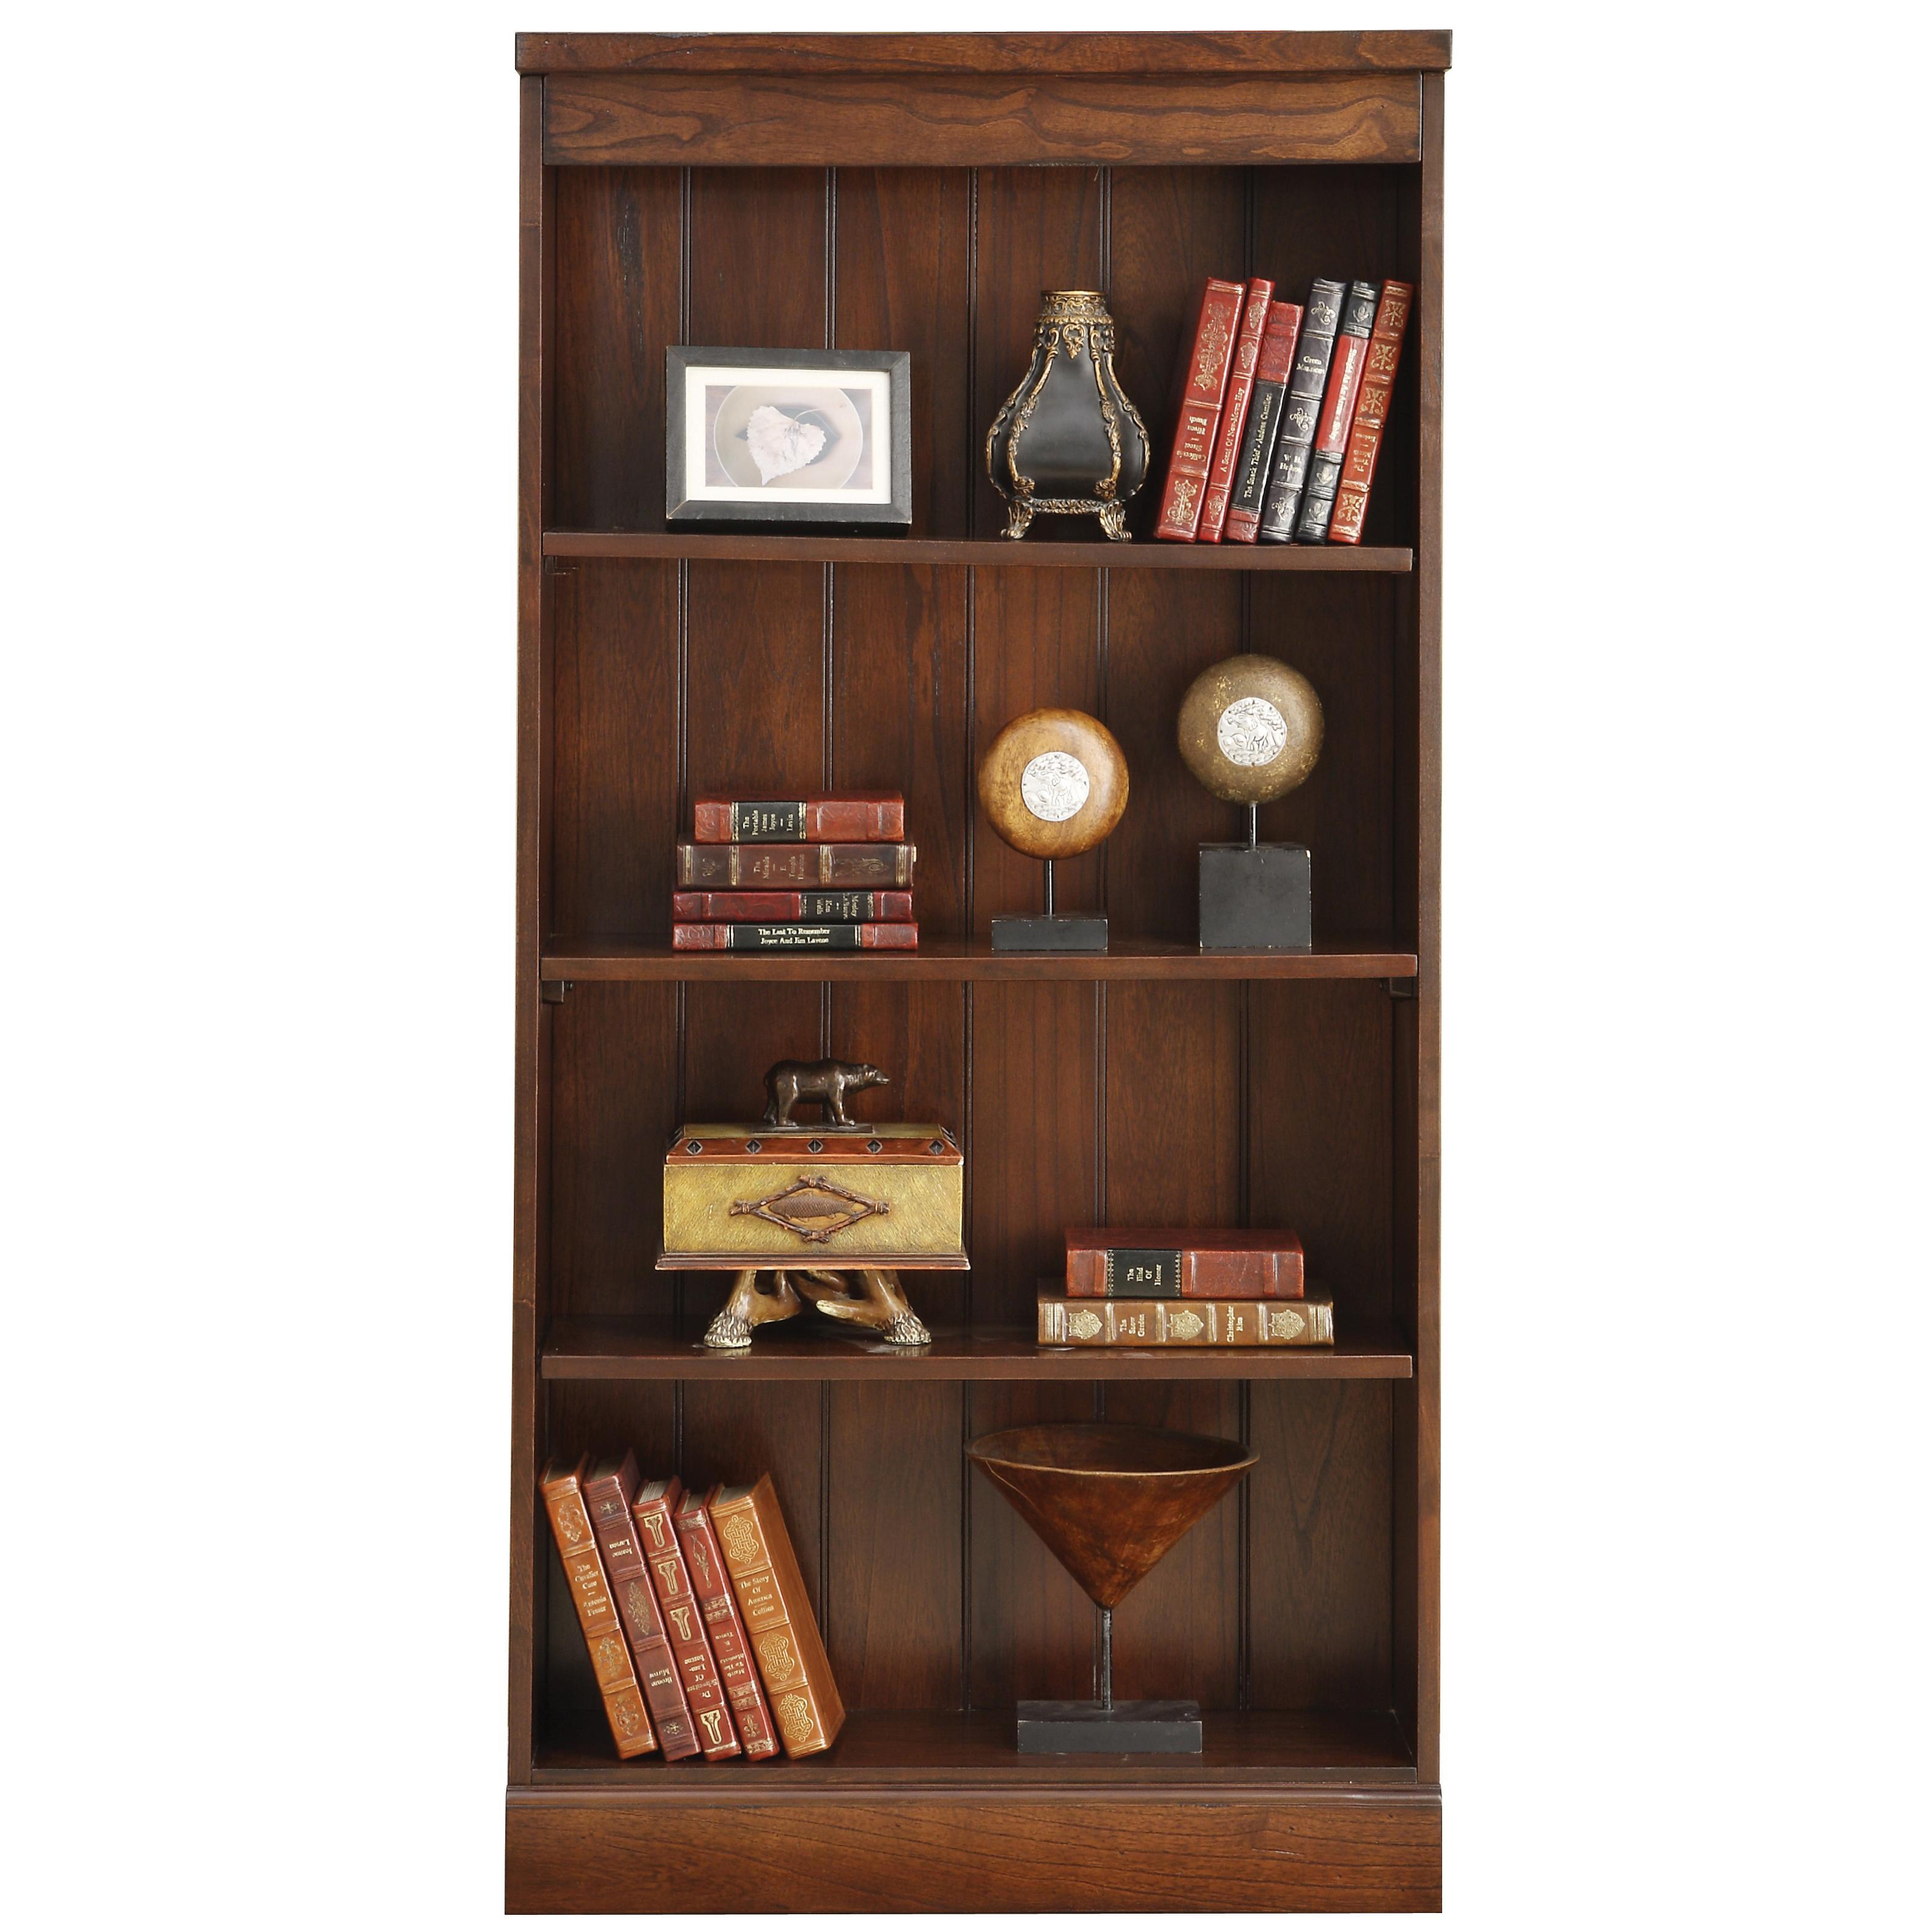 Riverside Furniture Castlewood Bookcase - Item Number: 33537